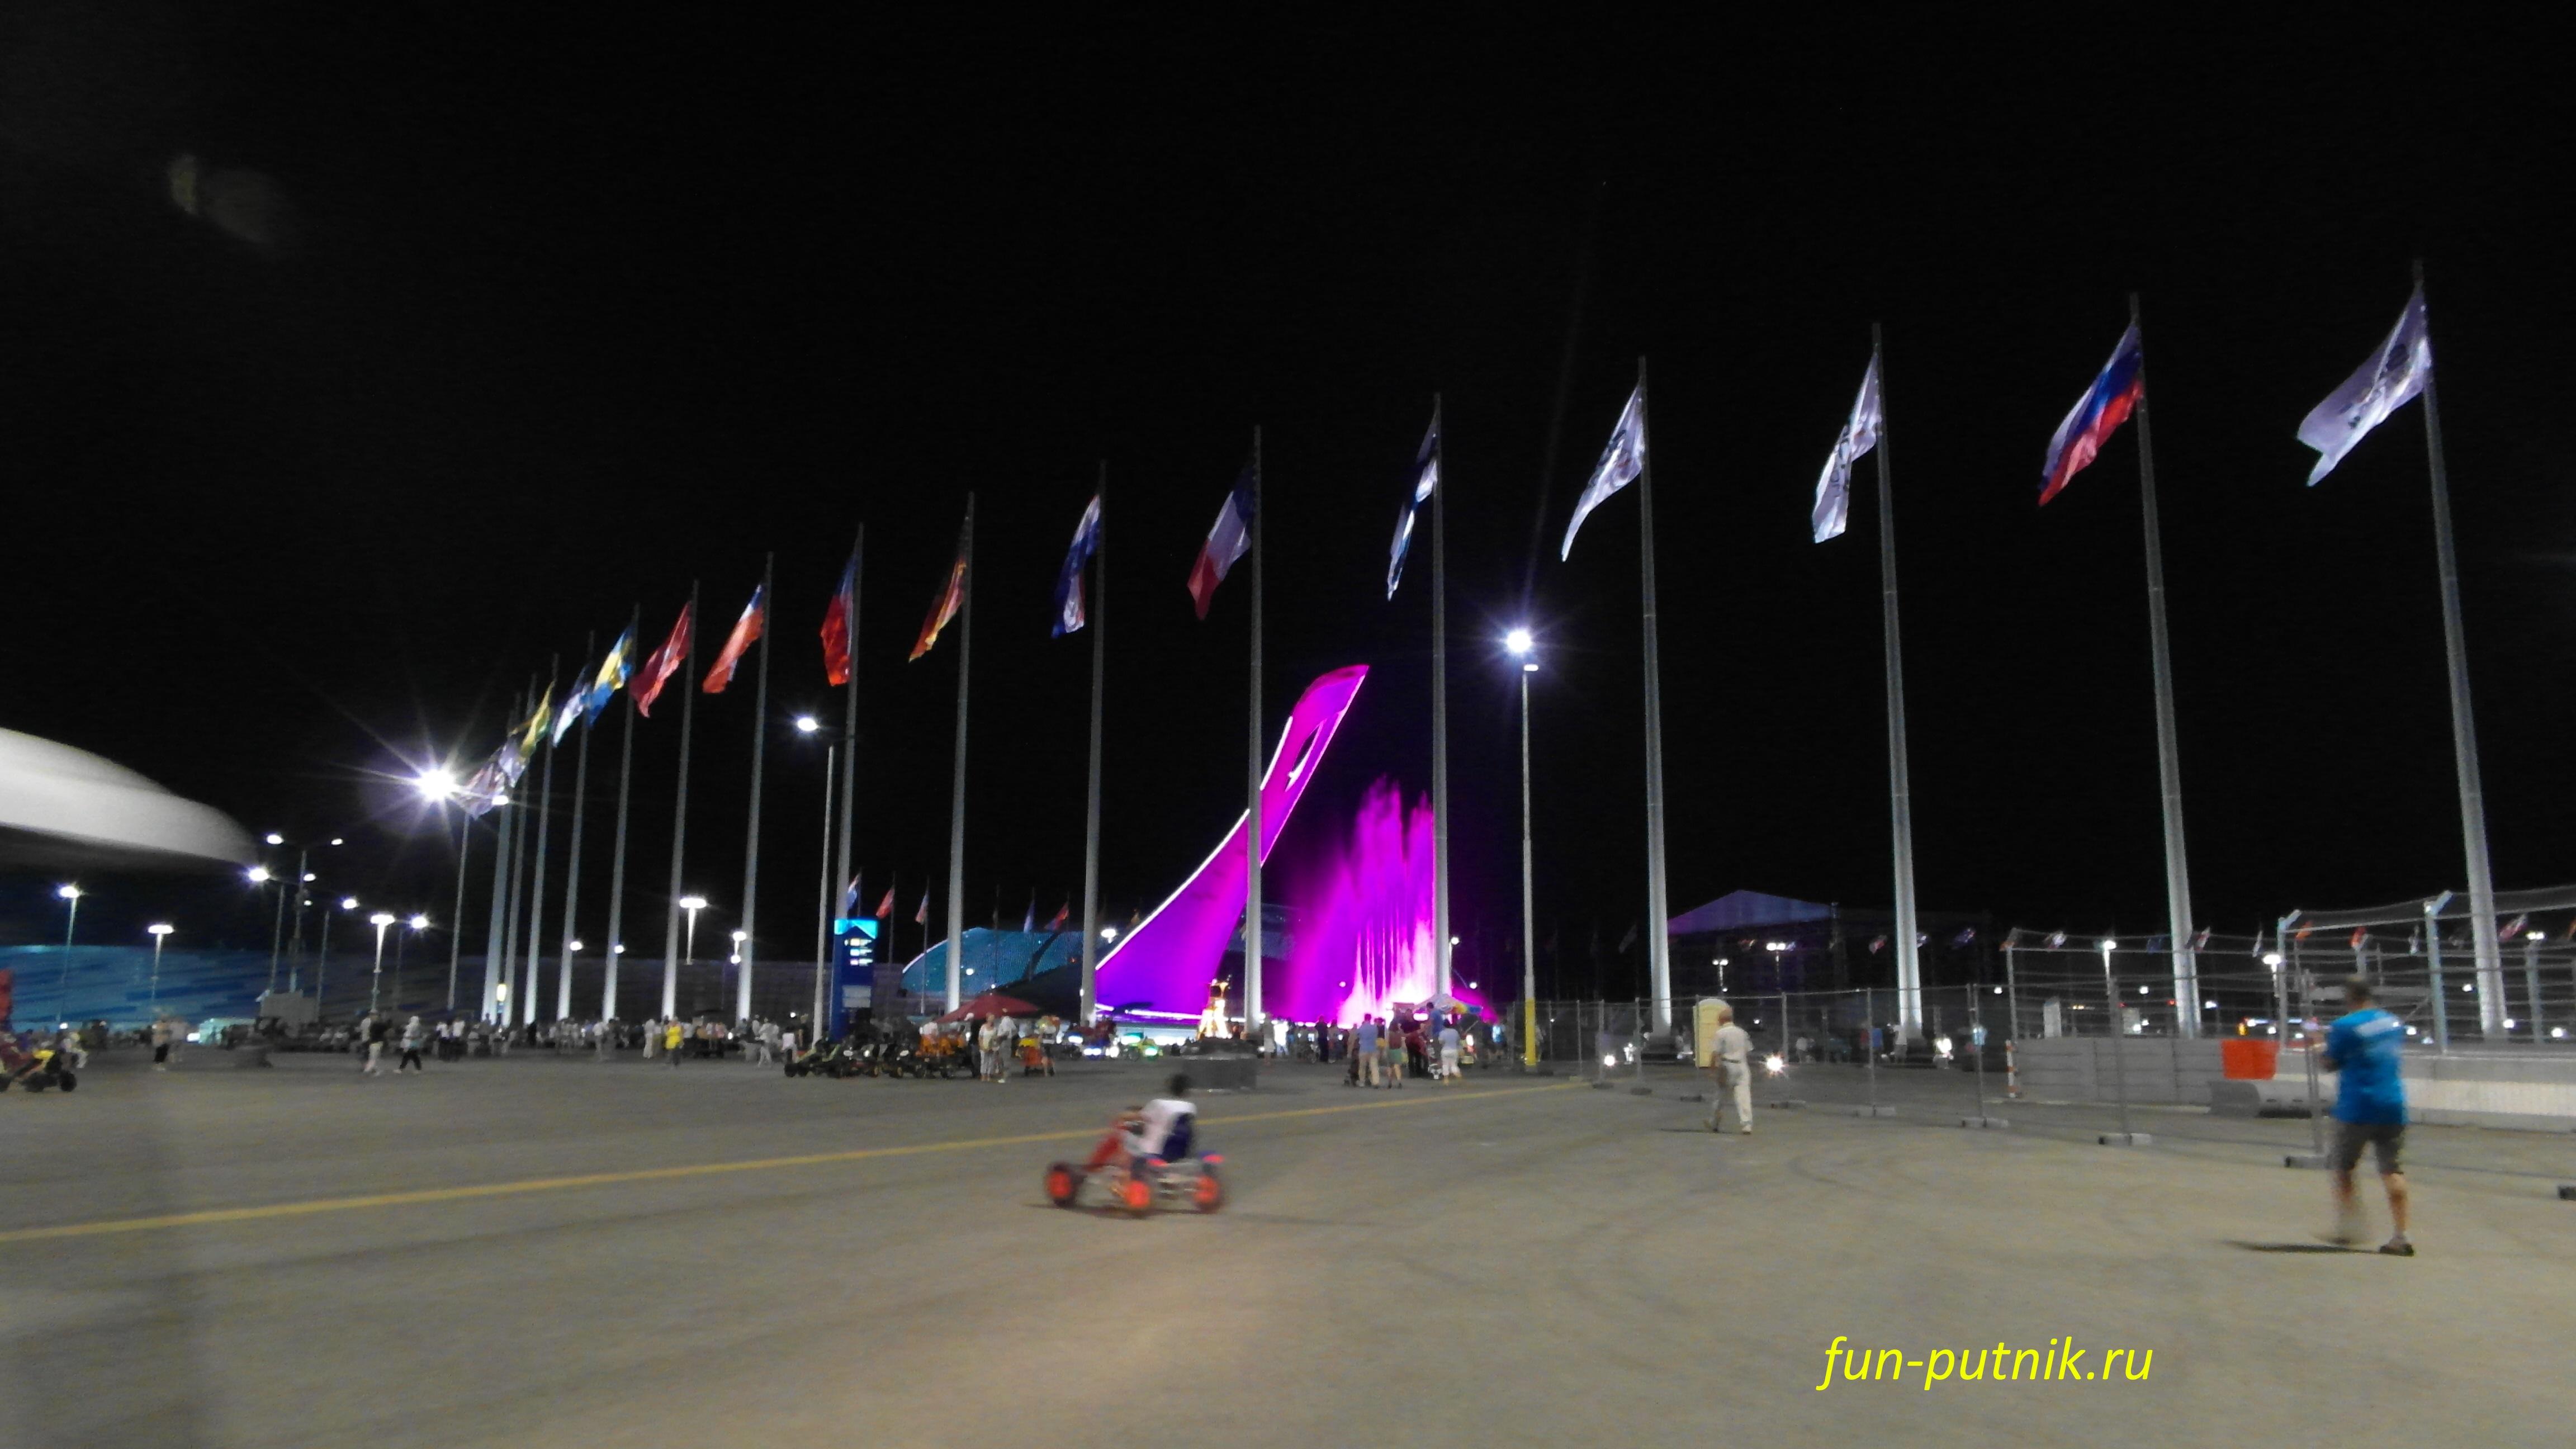 Олимпийский парк фото